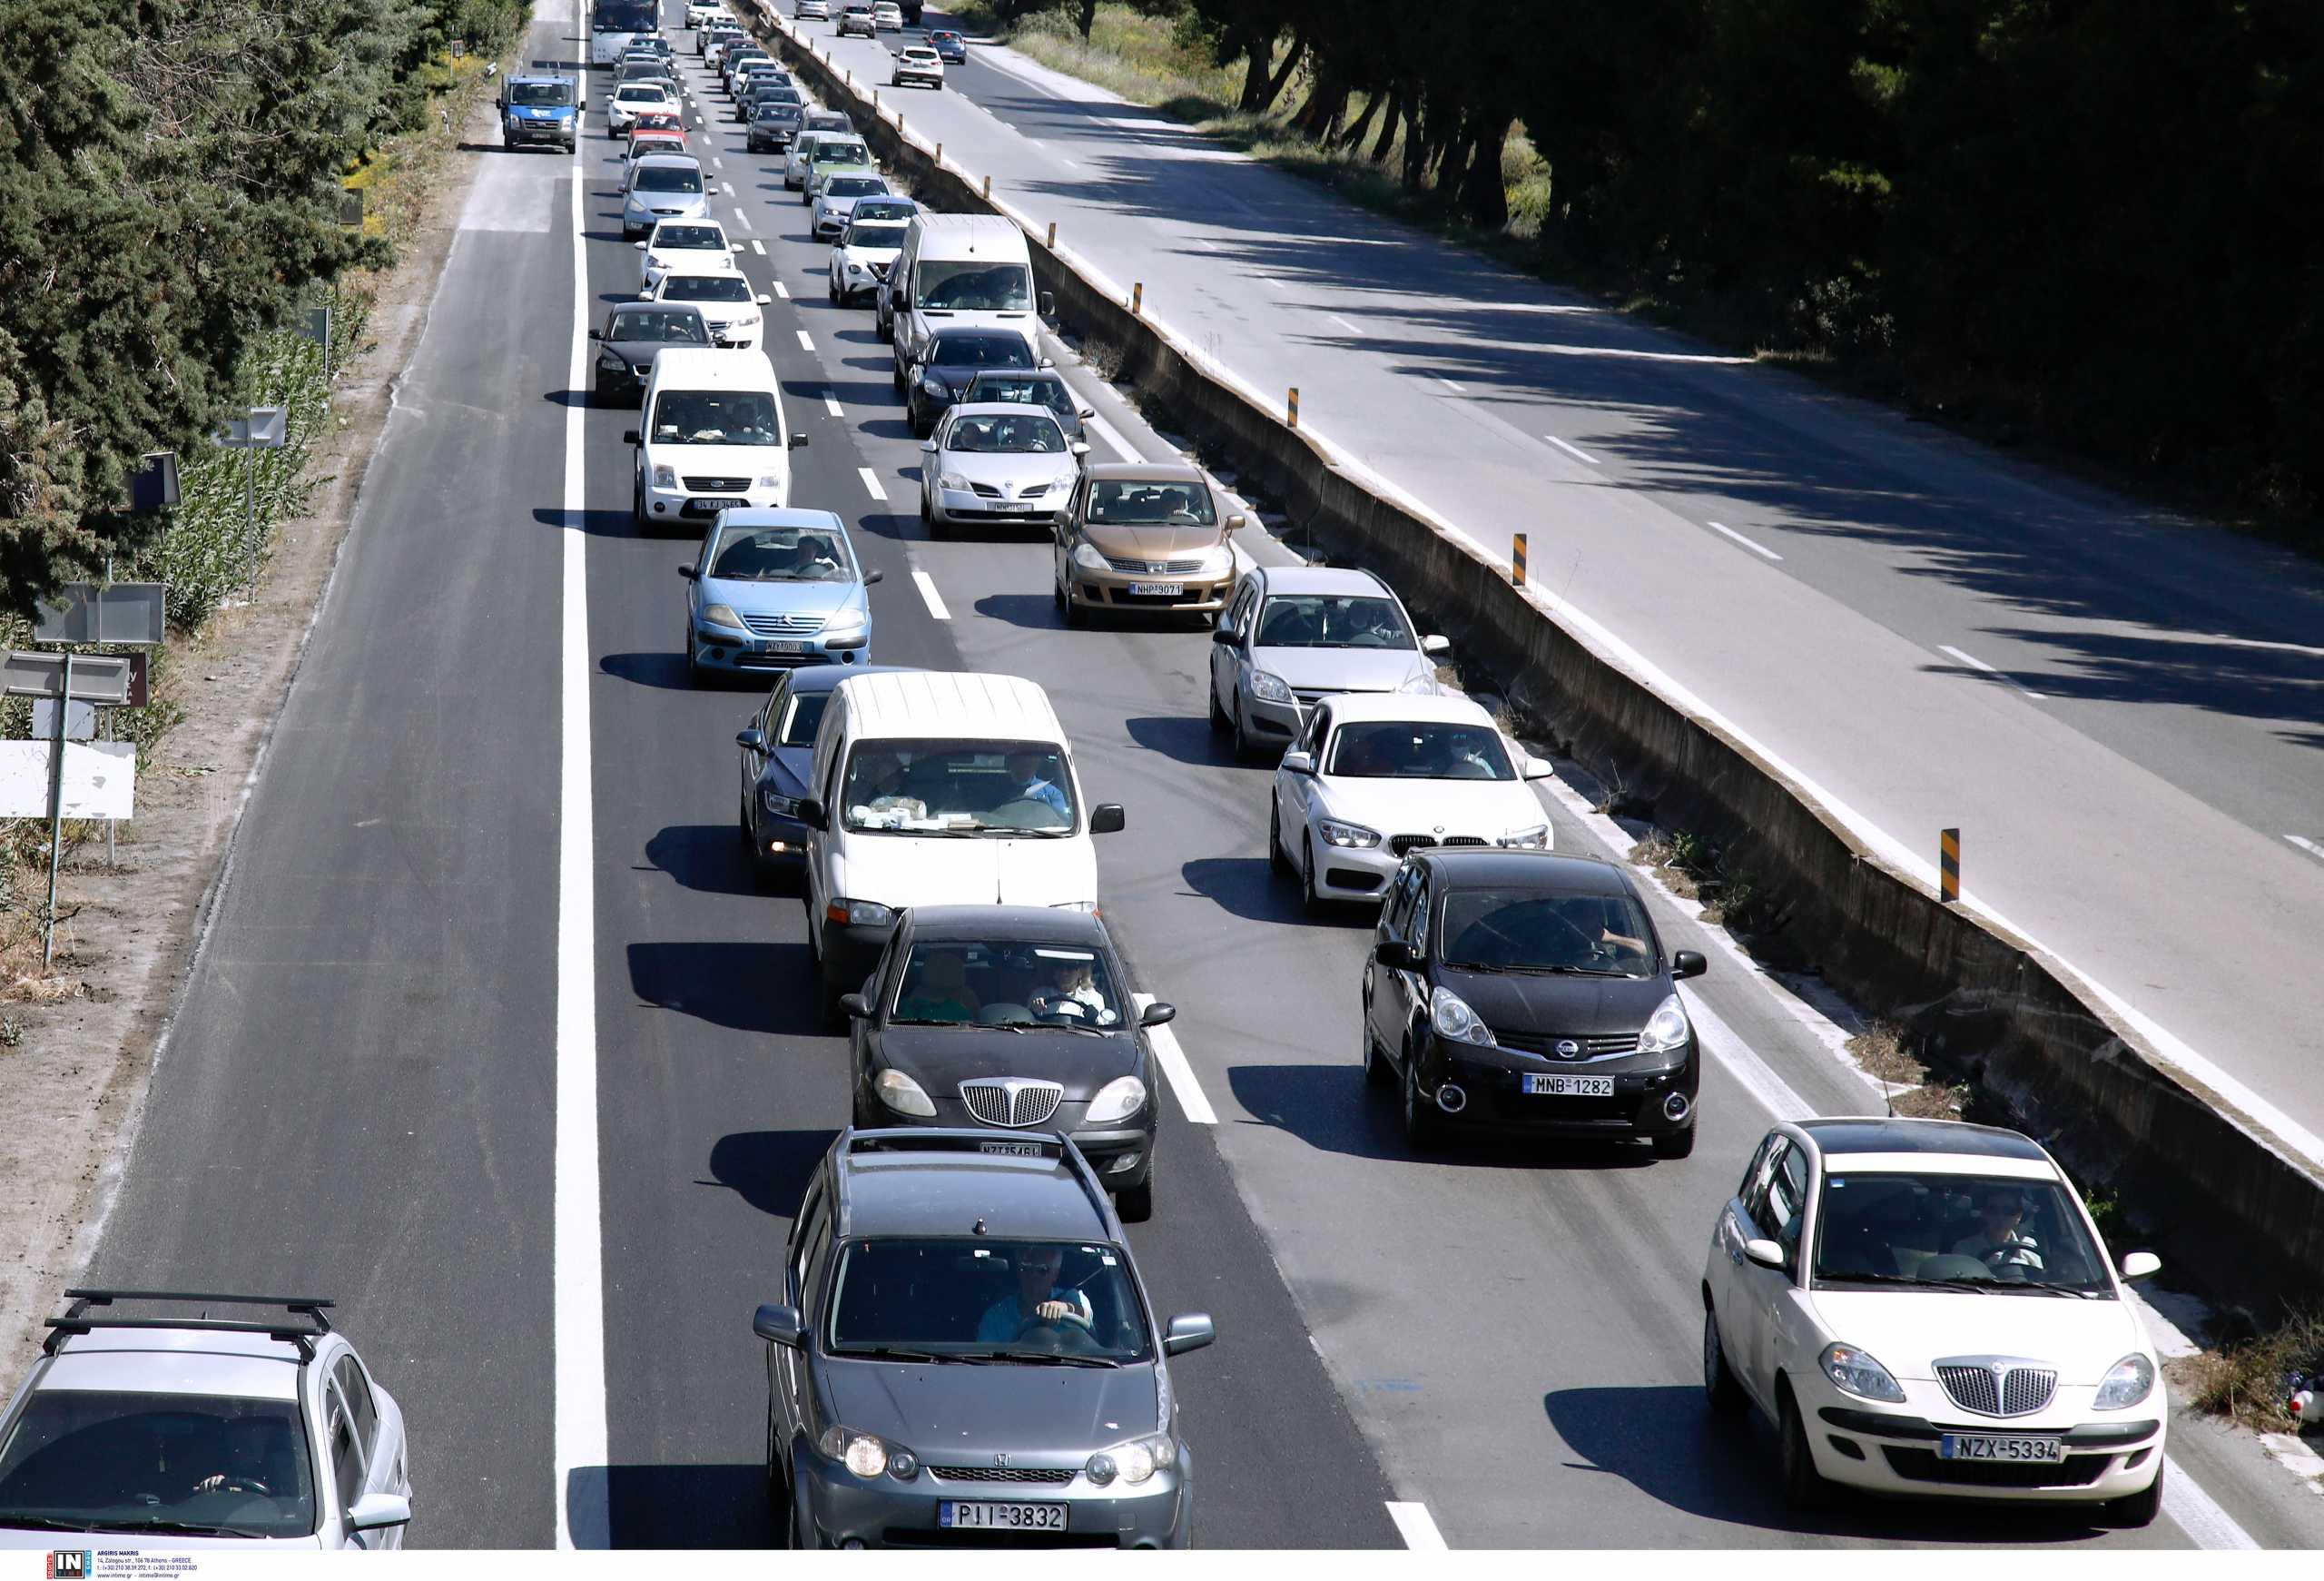 Θεσσαλονίκη: Όλοι πάνε Χαλκιδική! Μποτιλιάρισμα χιλιομέτρων